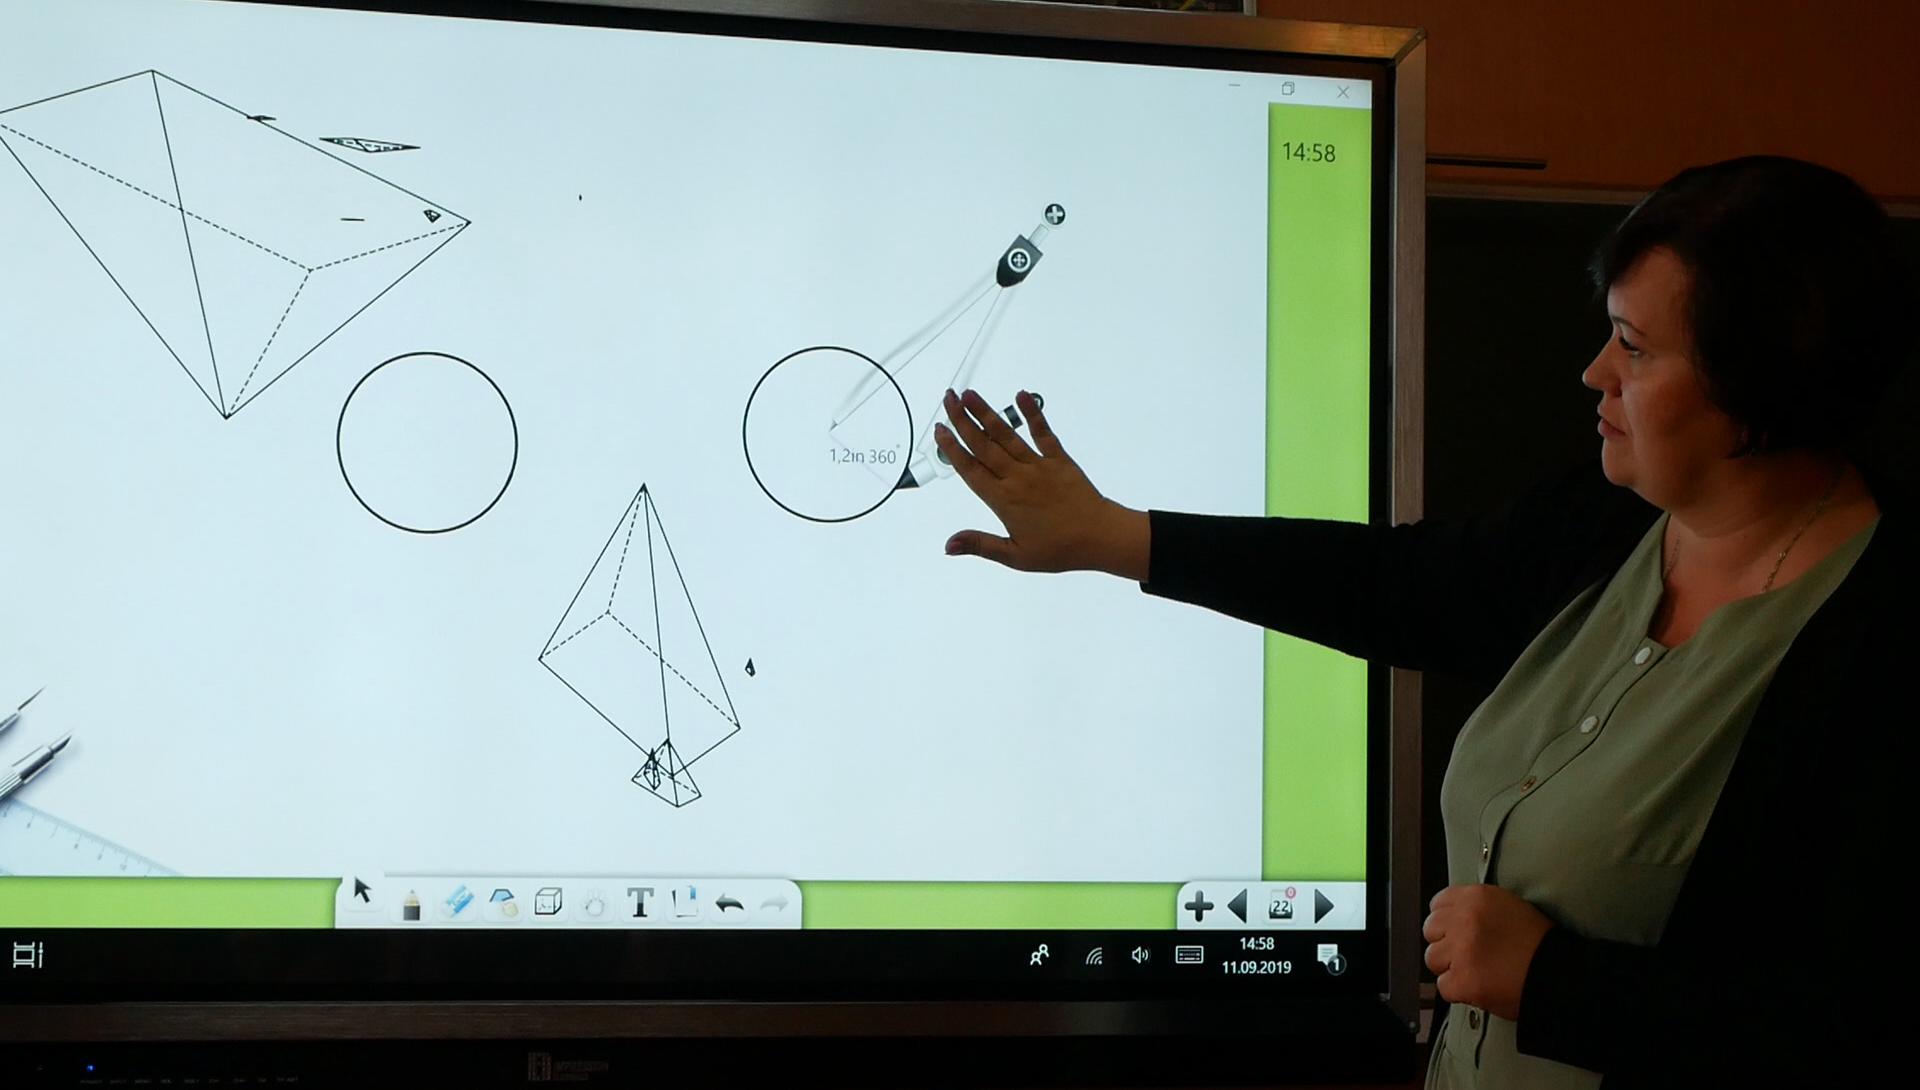 imgbig-2 У п'ятьох білоцерківських школах з'явились інтерактивні панелі